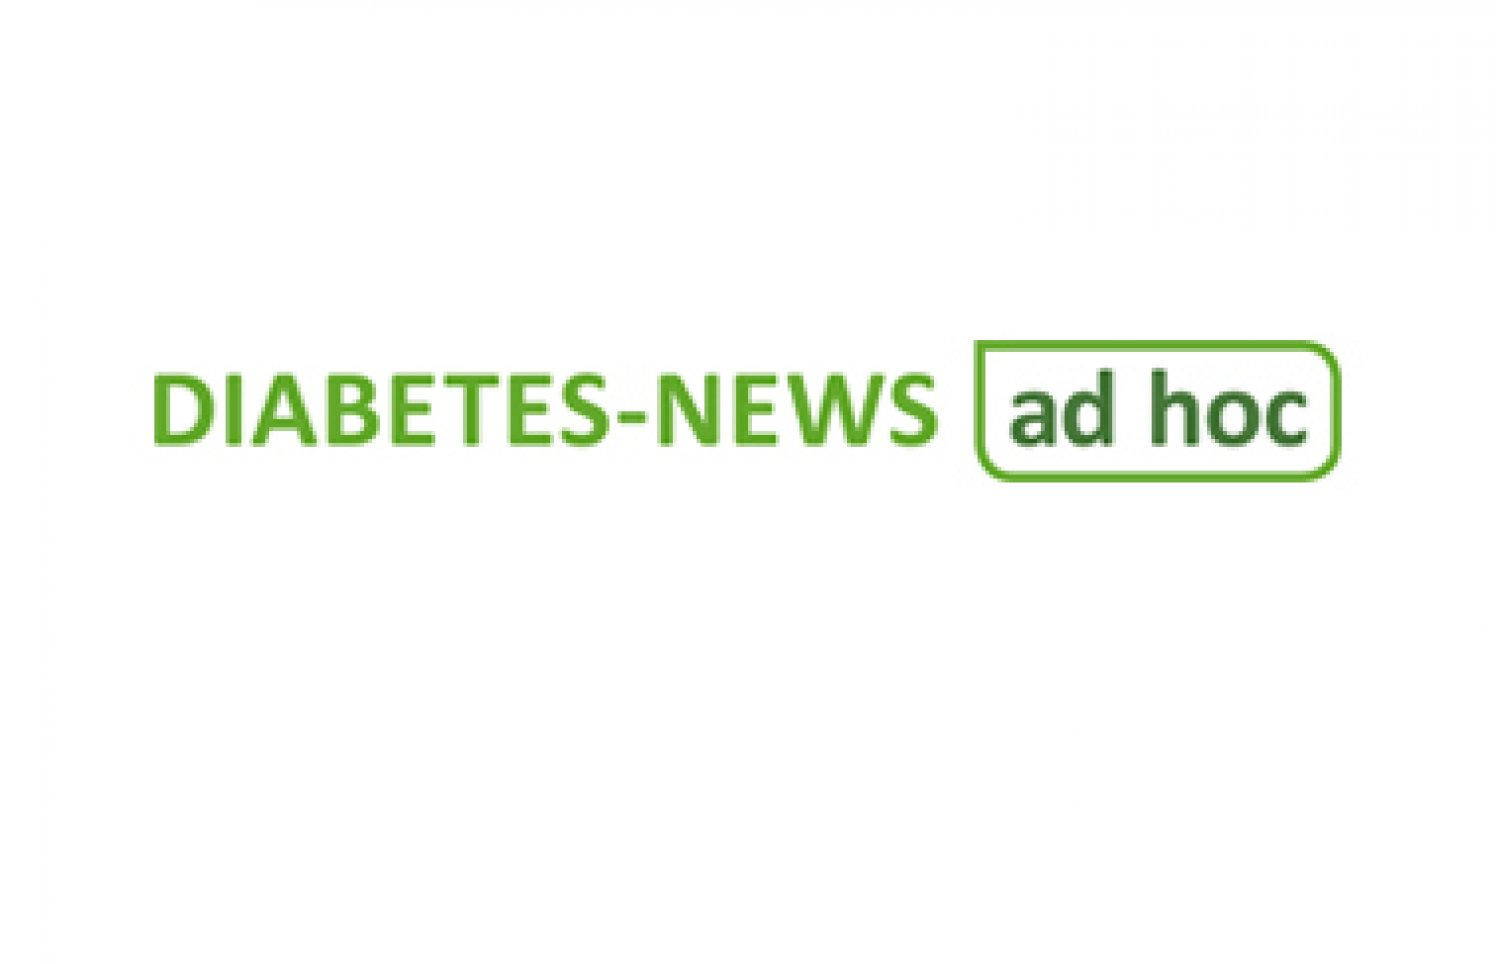 diabetesDE - Deutsche Diabetes-Hilfe | Stark für Millionen